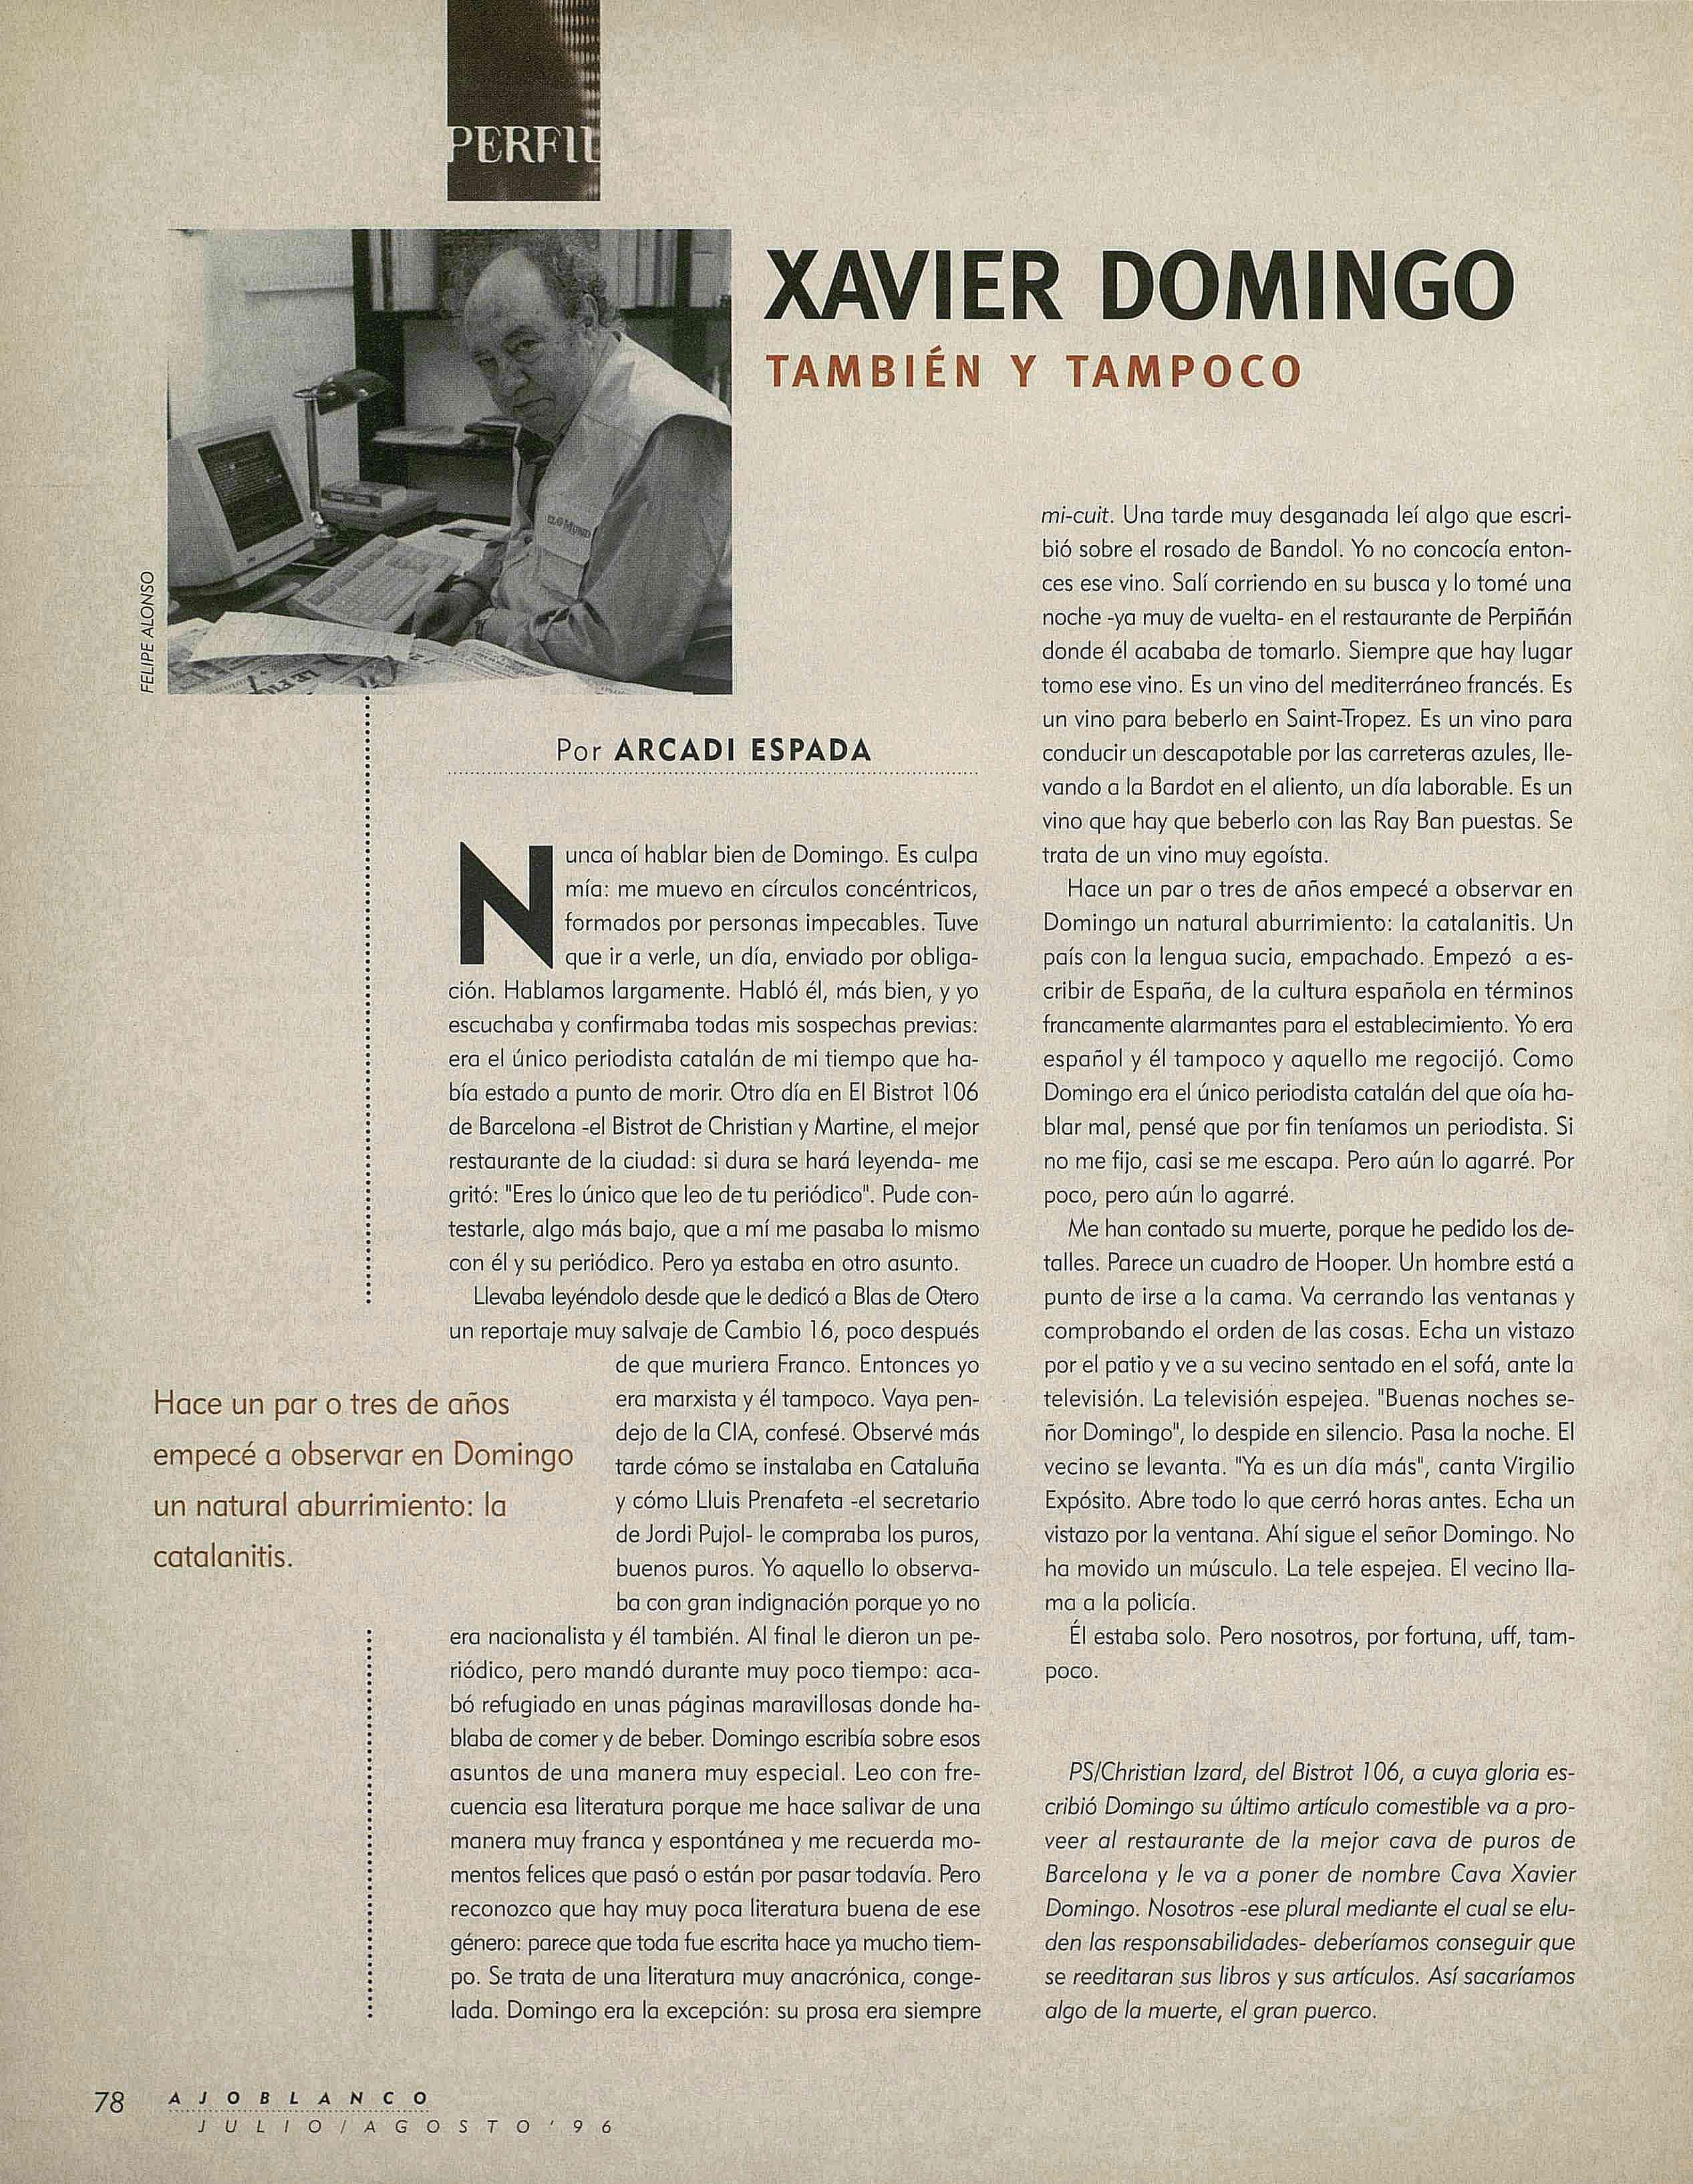 Xavier Domingo murió hace 25 años